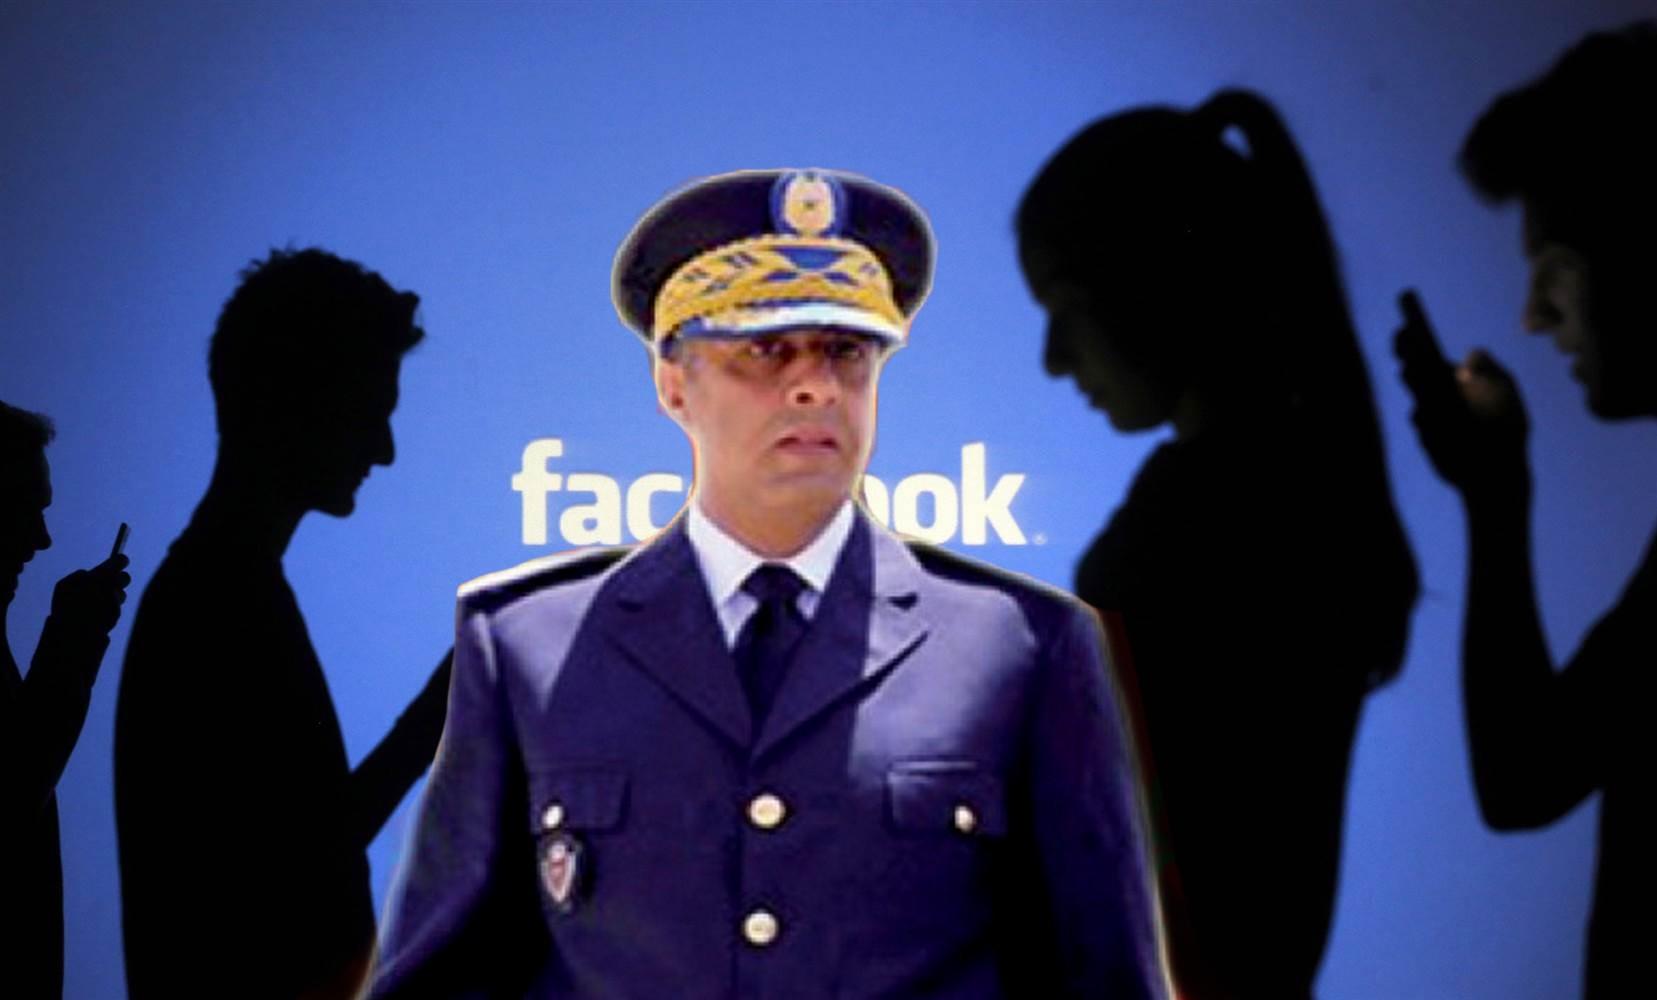 مديرية الحموشي تحذر من فبركة الفيديوهات على الفايسبوك لزعزعة أمن المواطنين !